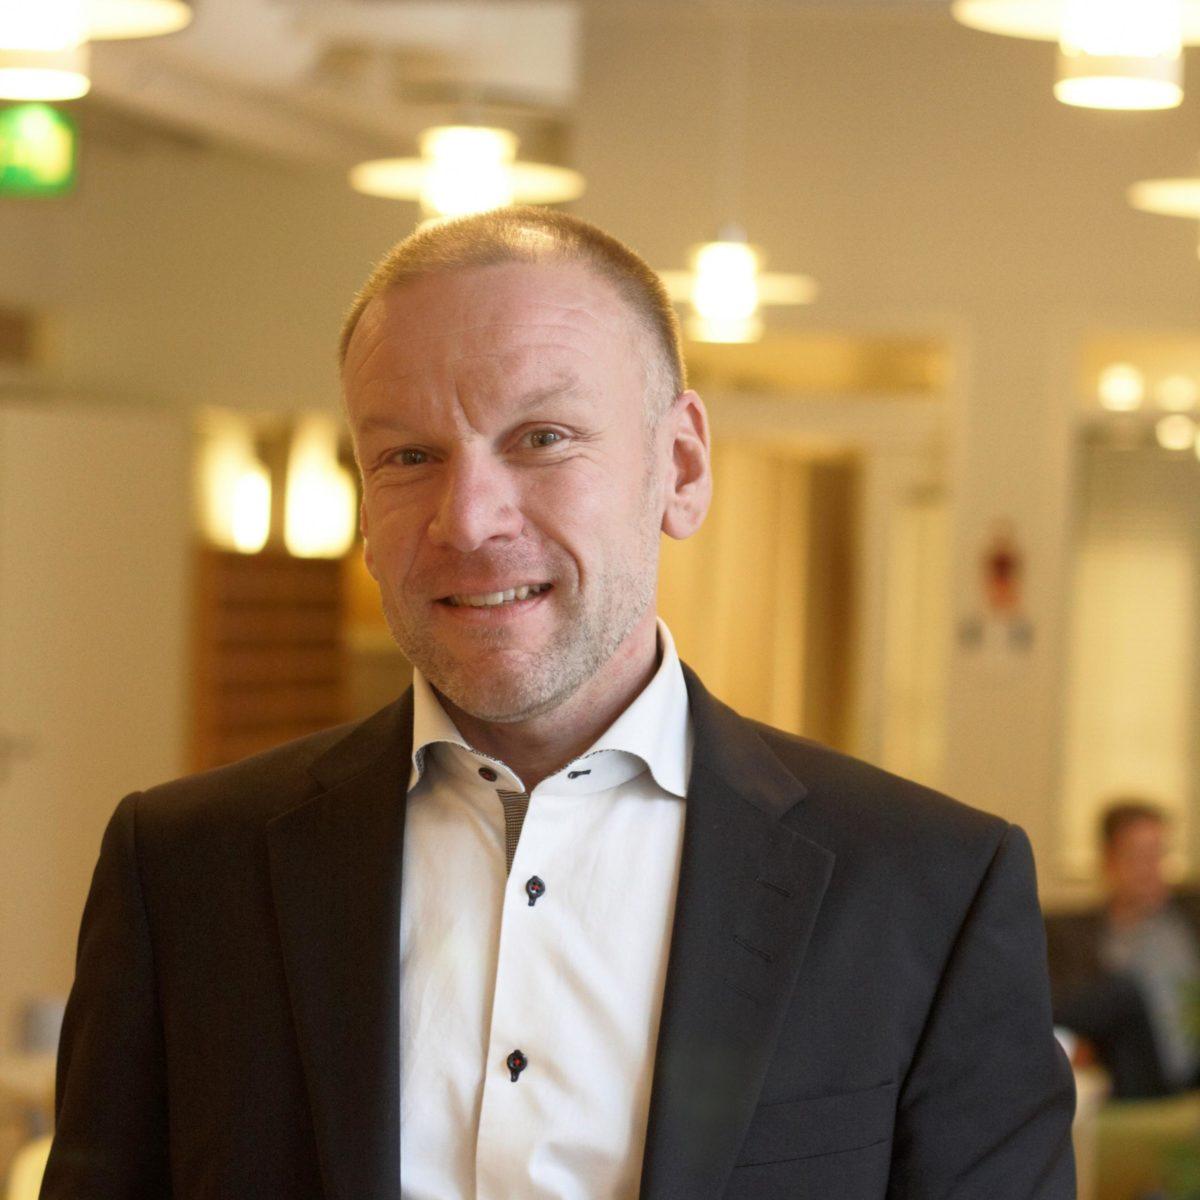 Marko Lehtimäki